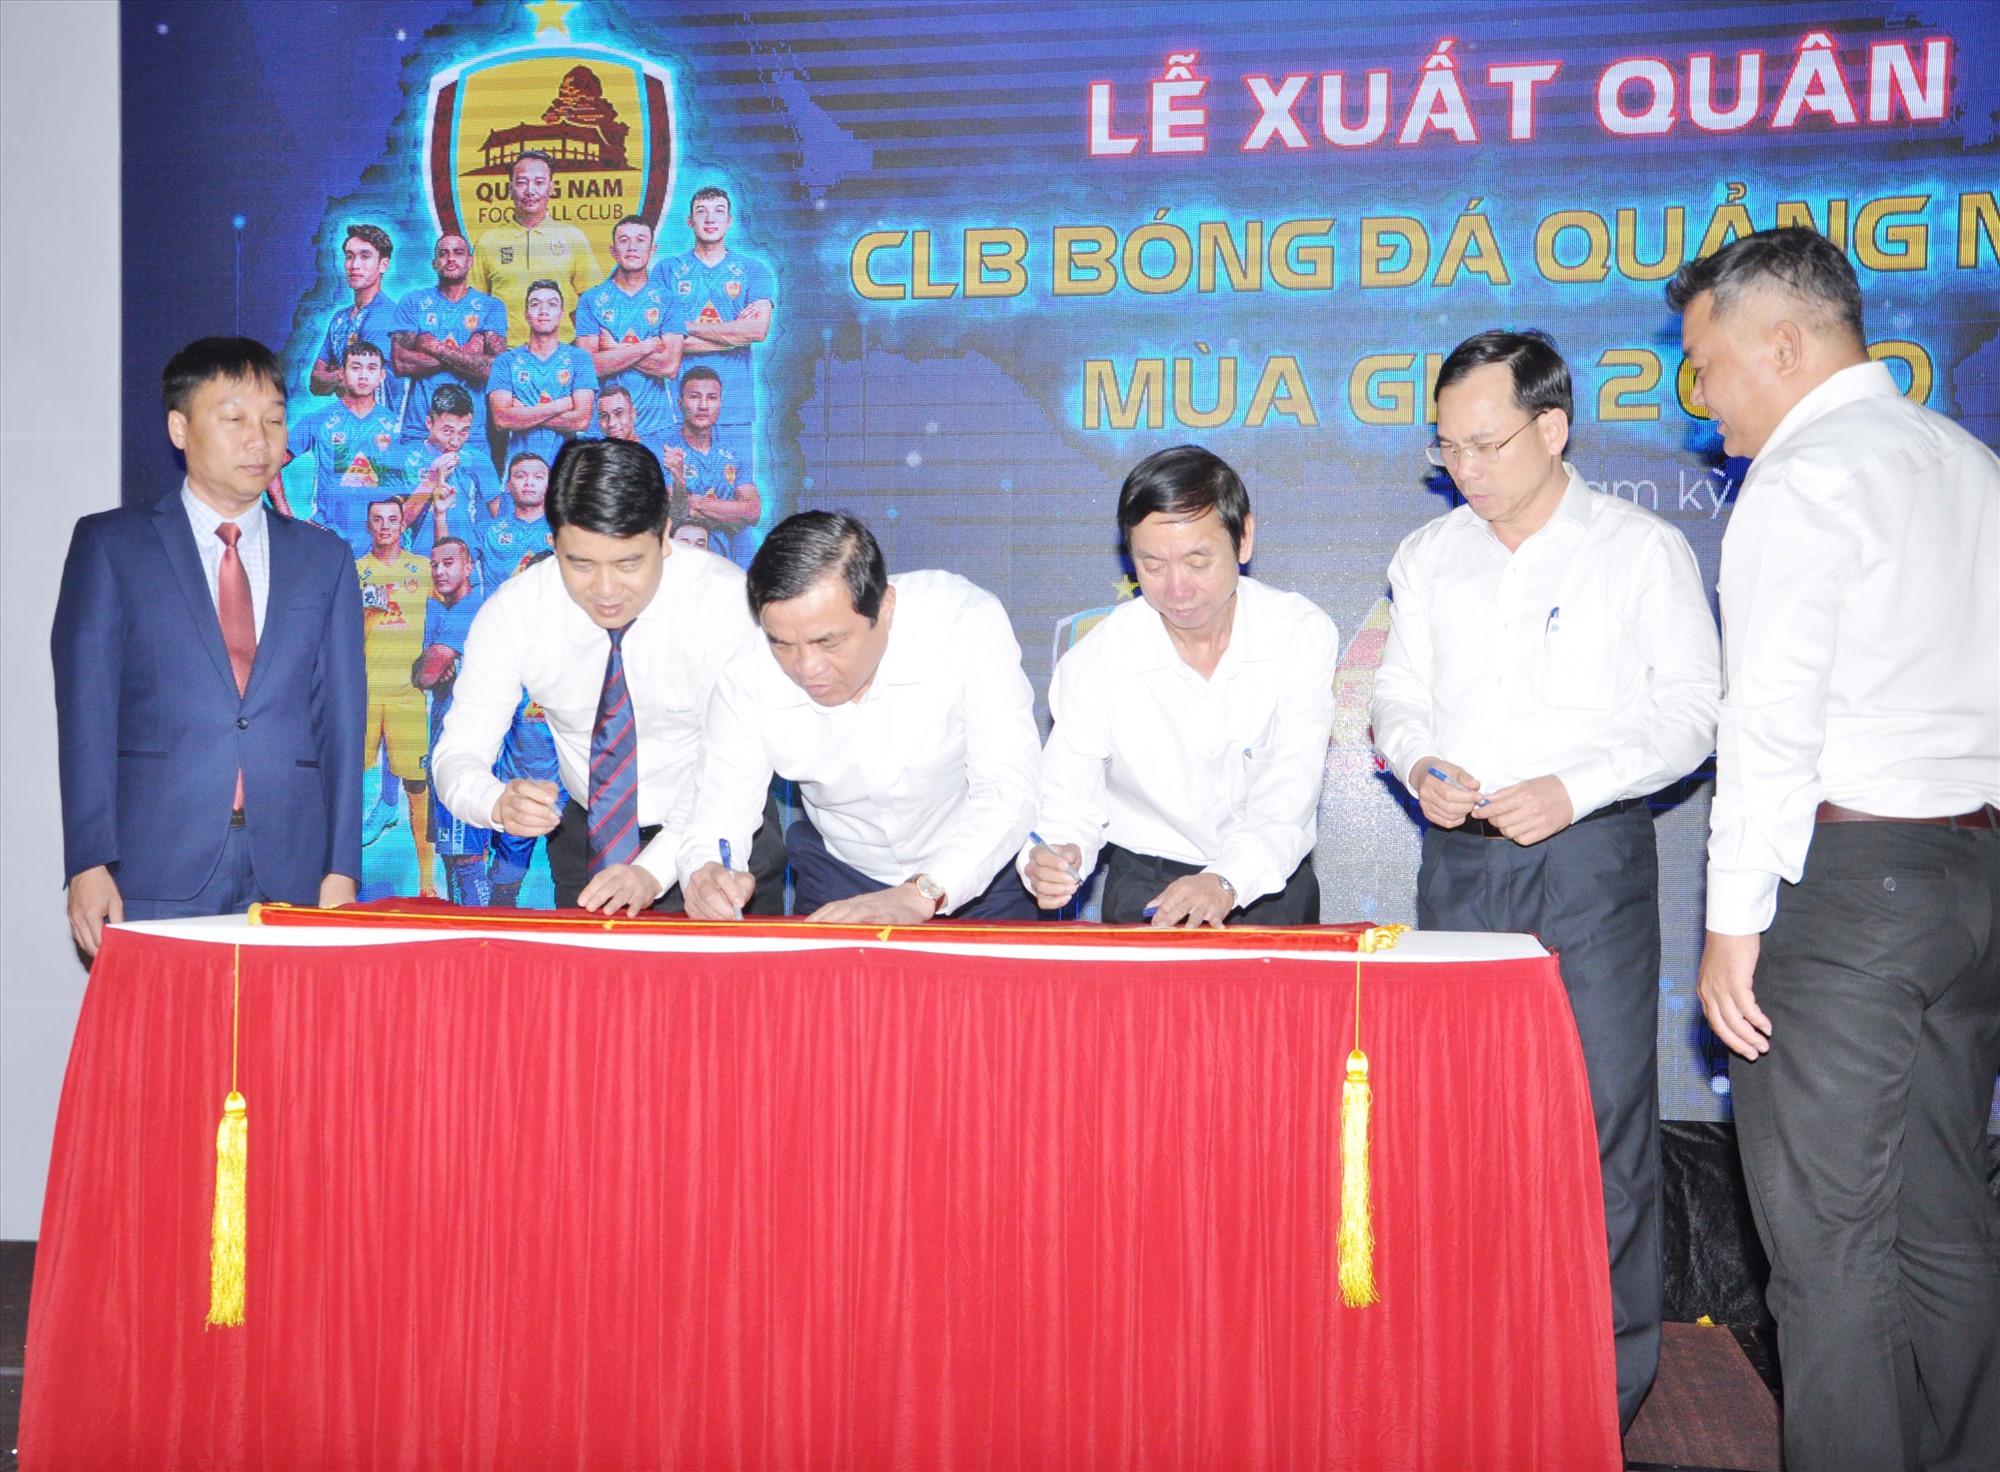 Các đồng chí lãnh đạo tỉnh ký vào cờ xuất quân của UBND tỉnh tặng Câu lạc bộ Quảng Nam. Ảnh: T.V